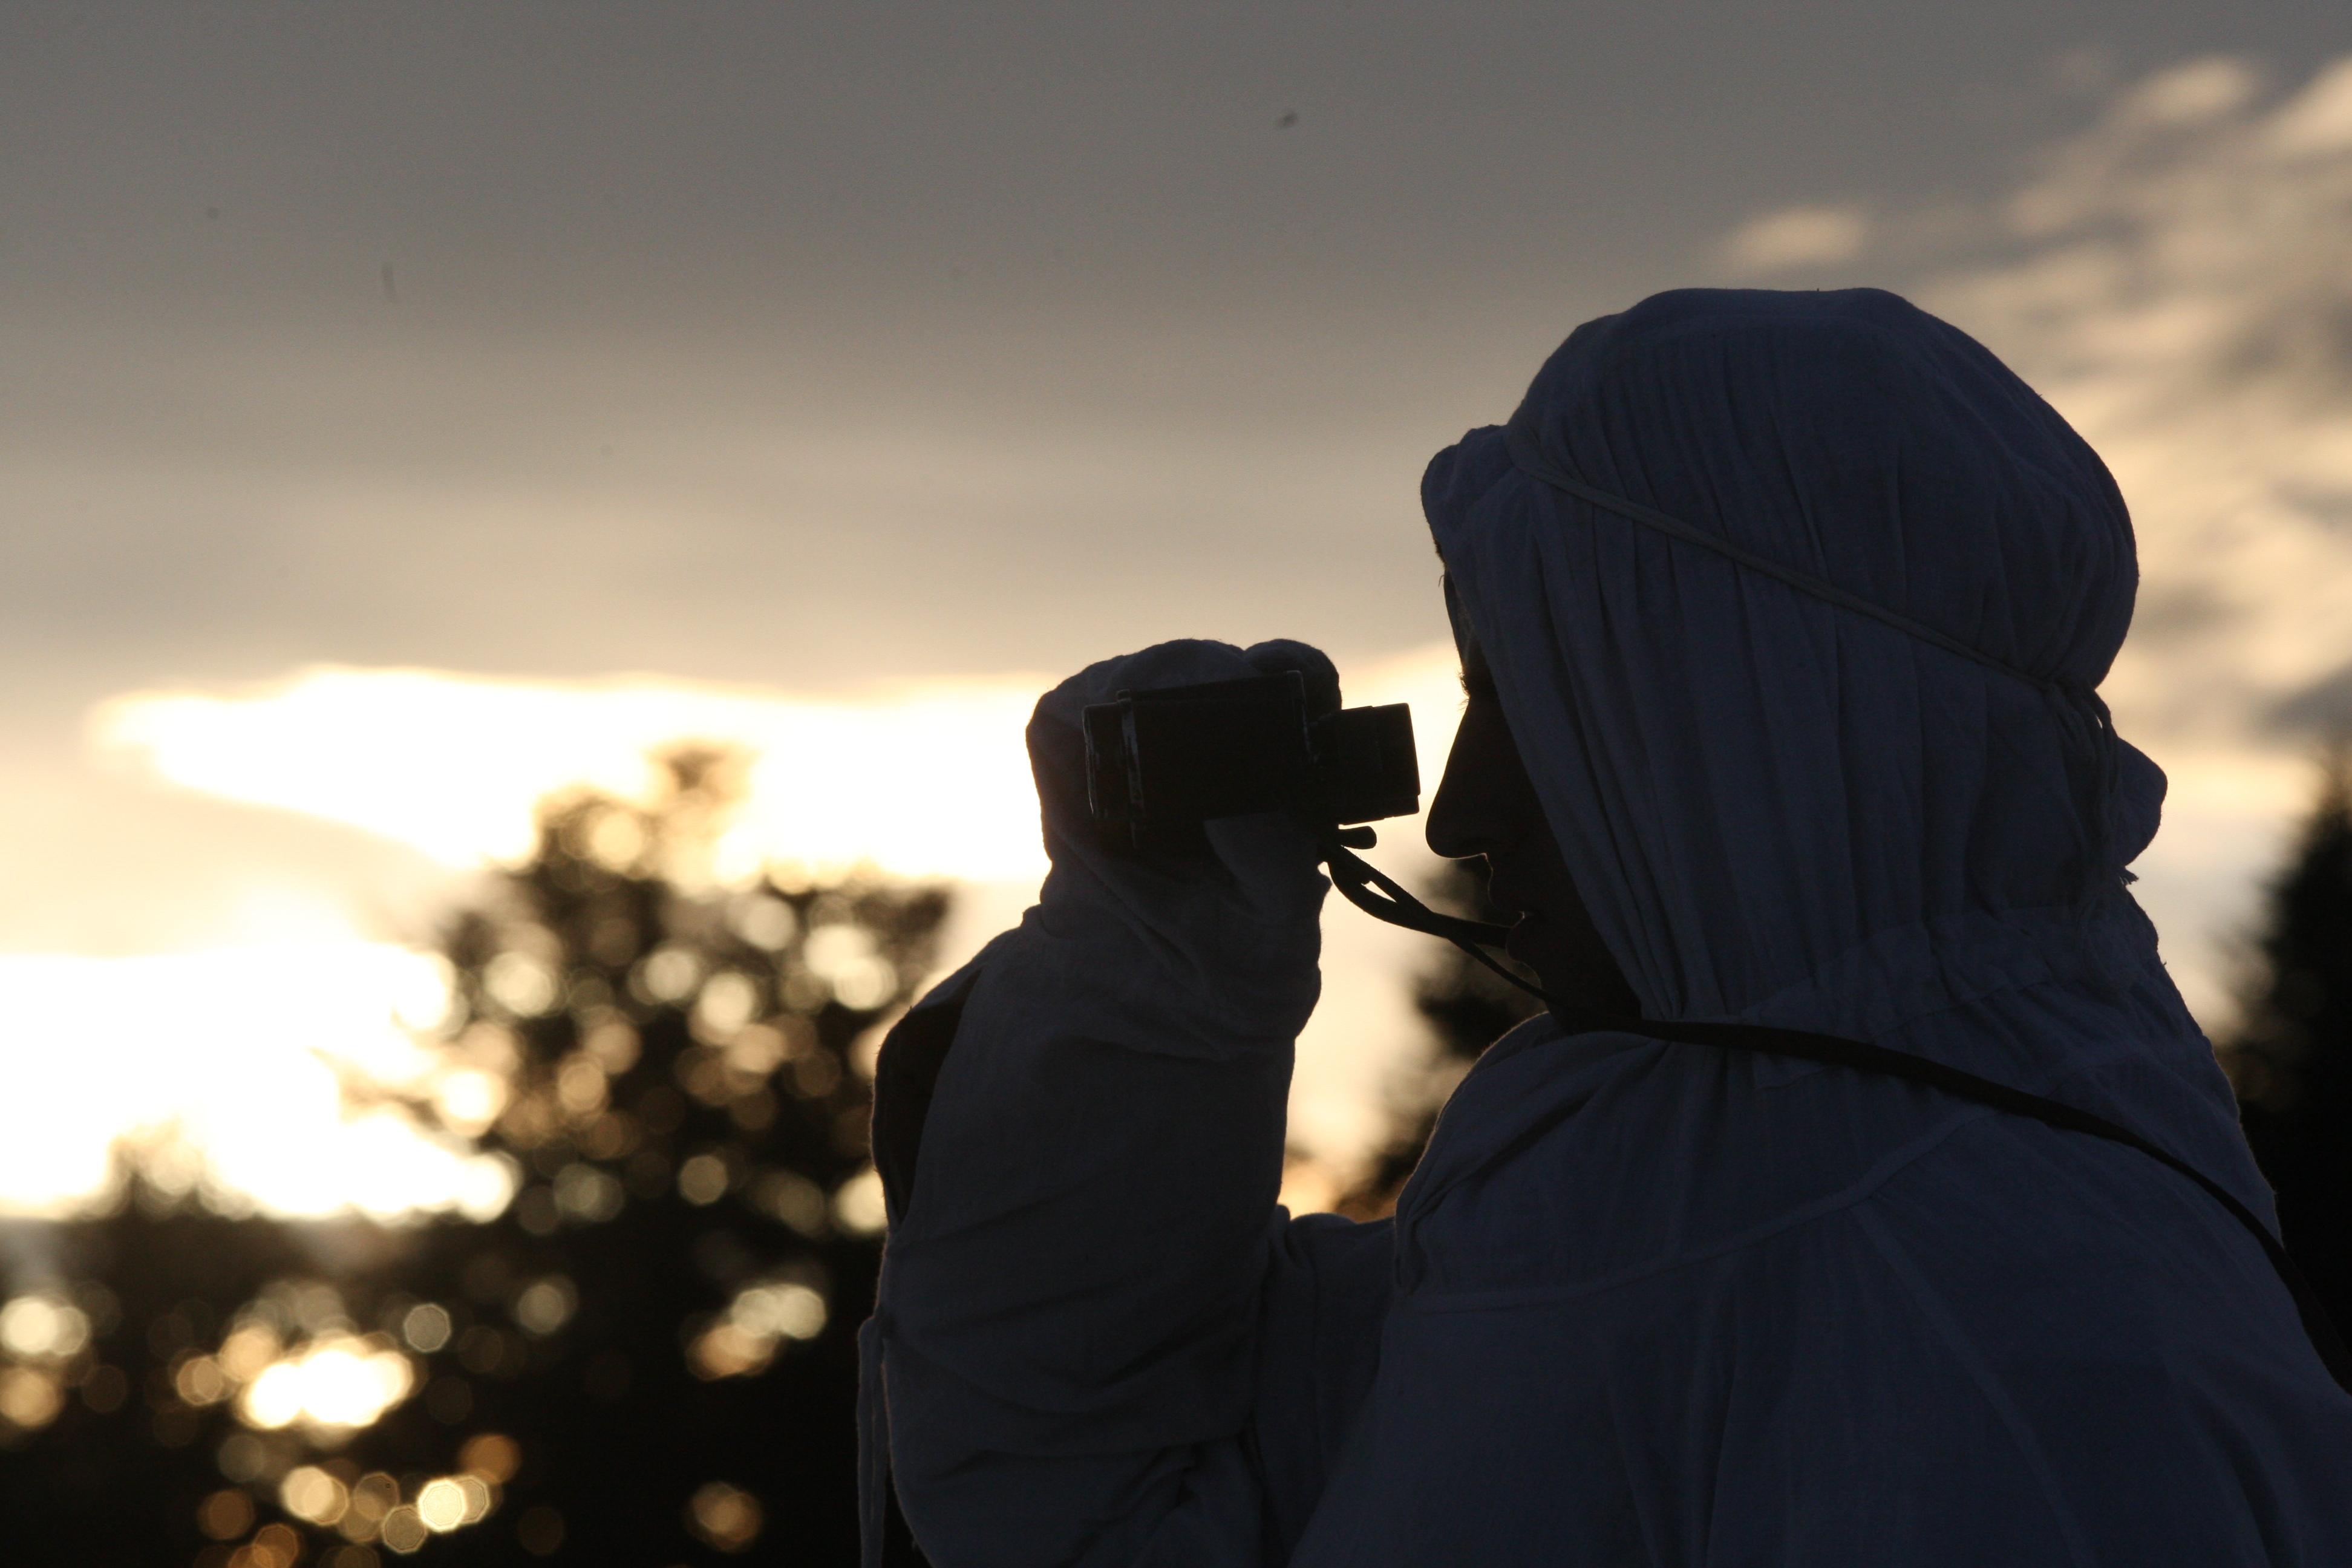 Закарпатські прикордонники знайшли дівчинку з Румунії, яка заблукала